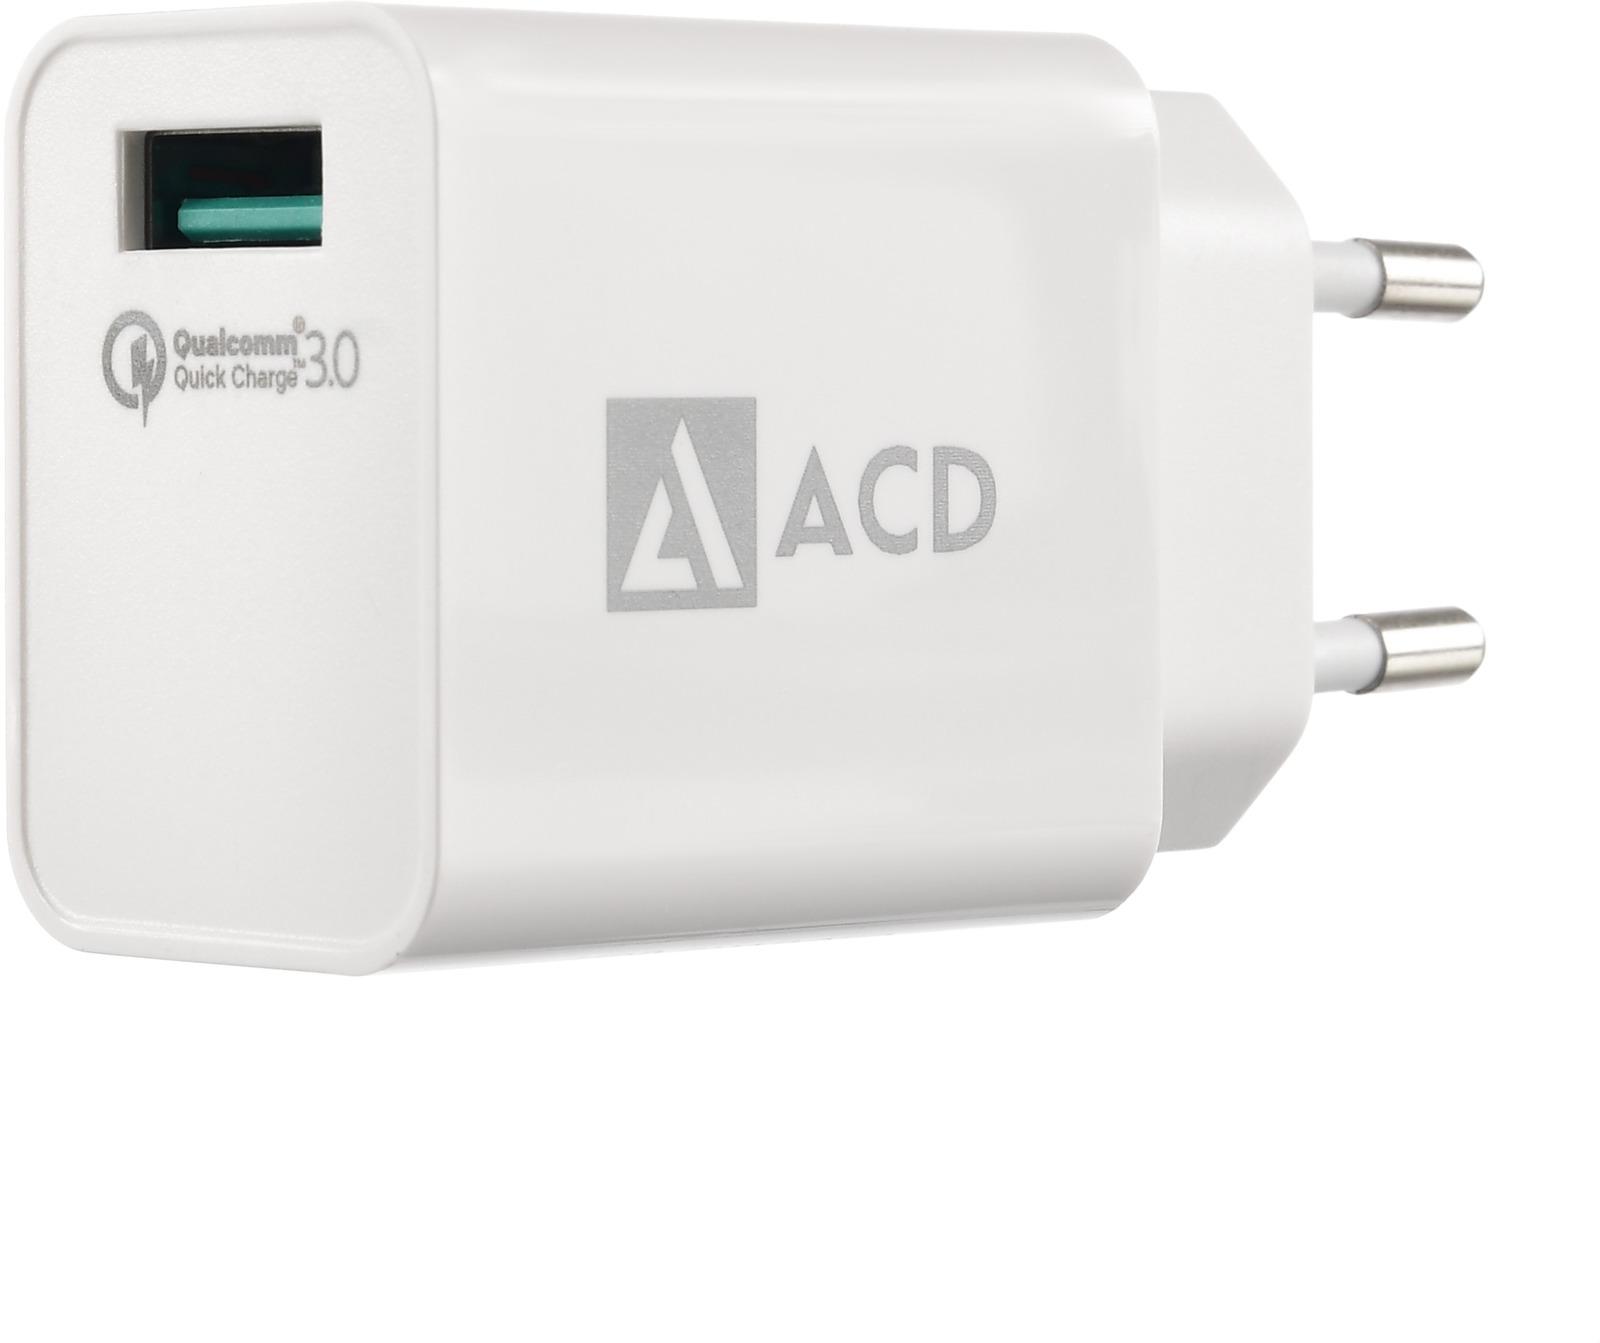 Сетевое зарядное устройство ACD, 18Вт, ACD-Q181-X3W аксессуар acd link usb c usb a 1m white acd u910 c2w